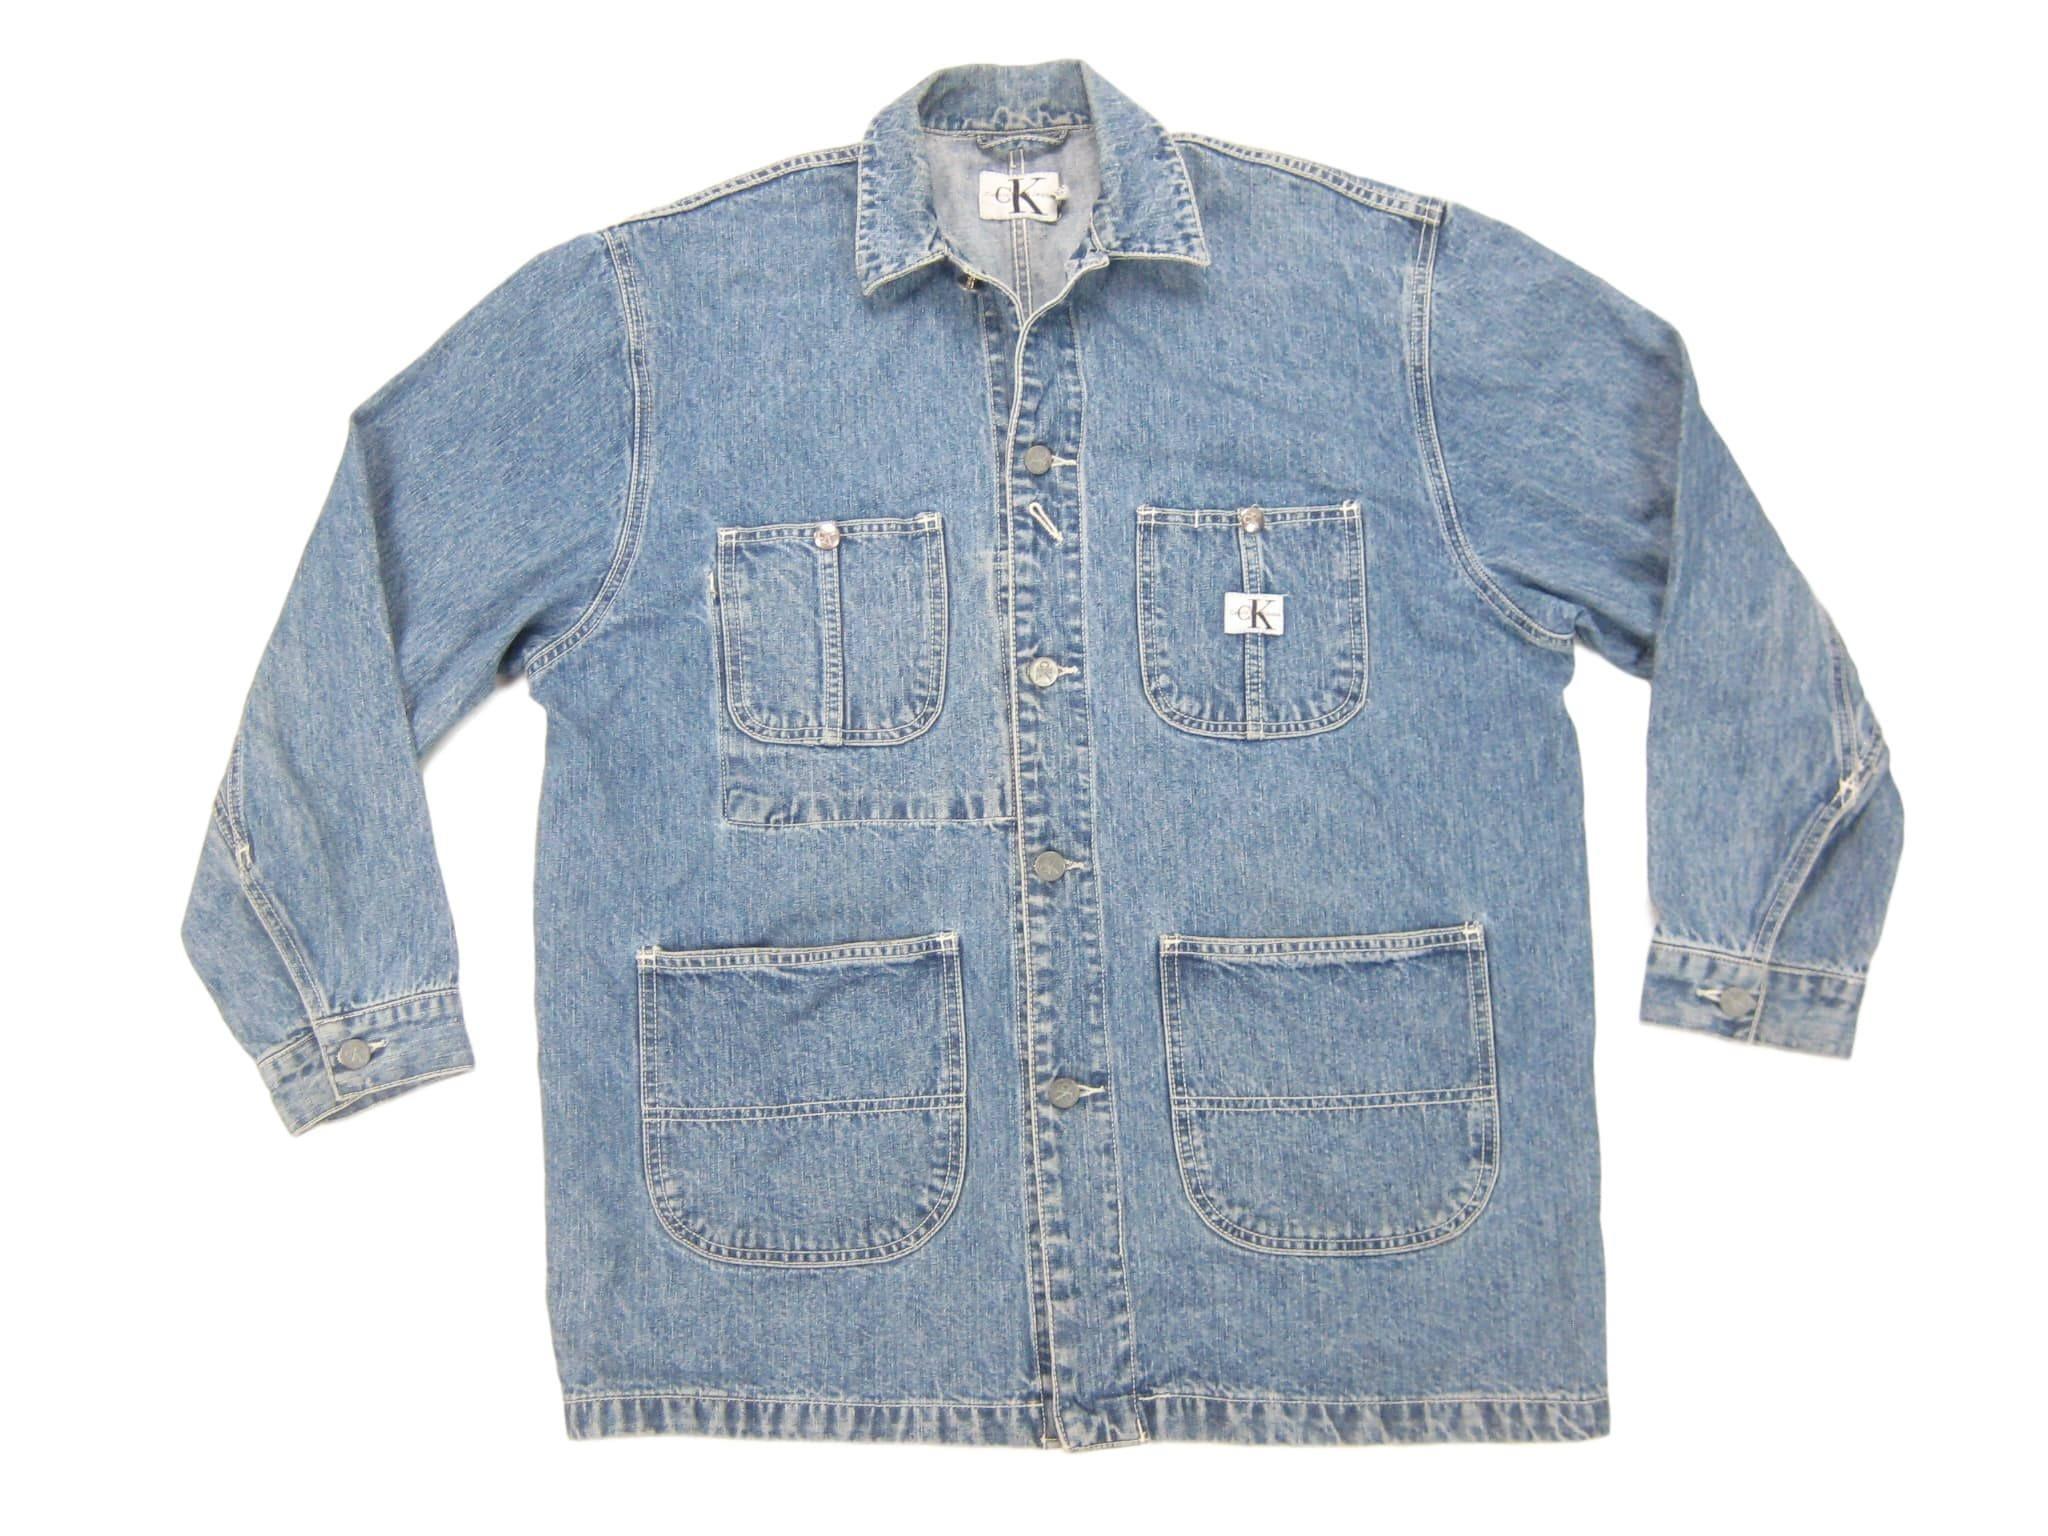 1990s Calvin Klein Denim Chore Coat Vintage Retro 90s Ck Jeans Denim Ck Jeans Chore Coat